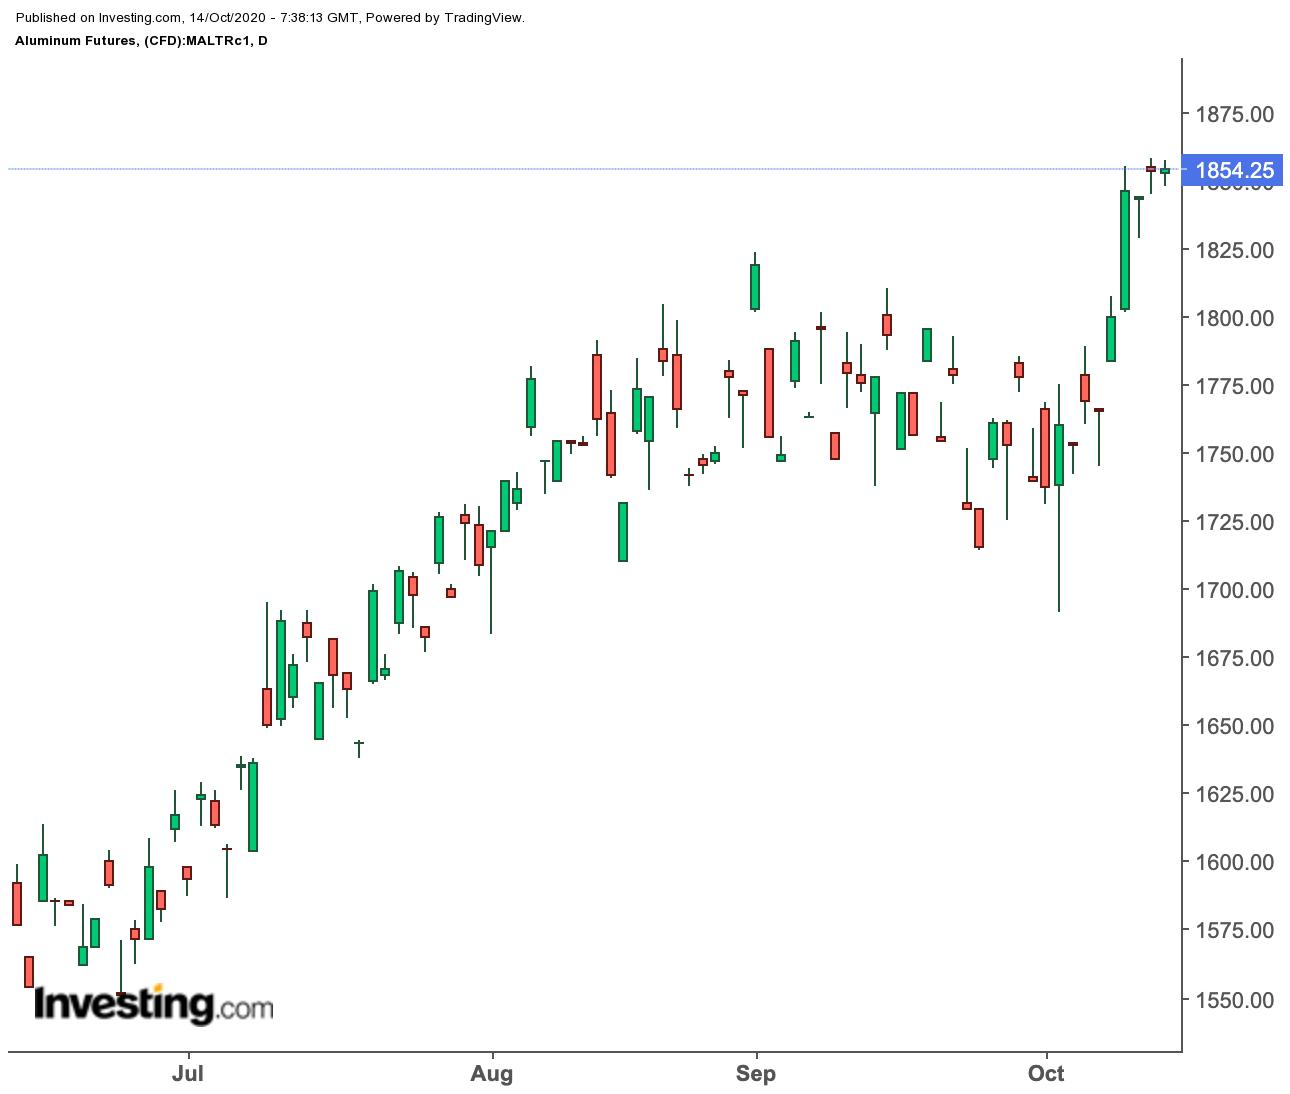 铝期货价格日线图